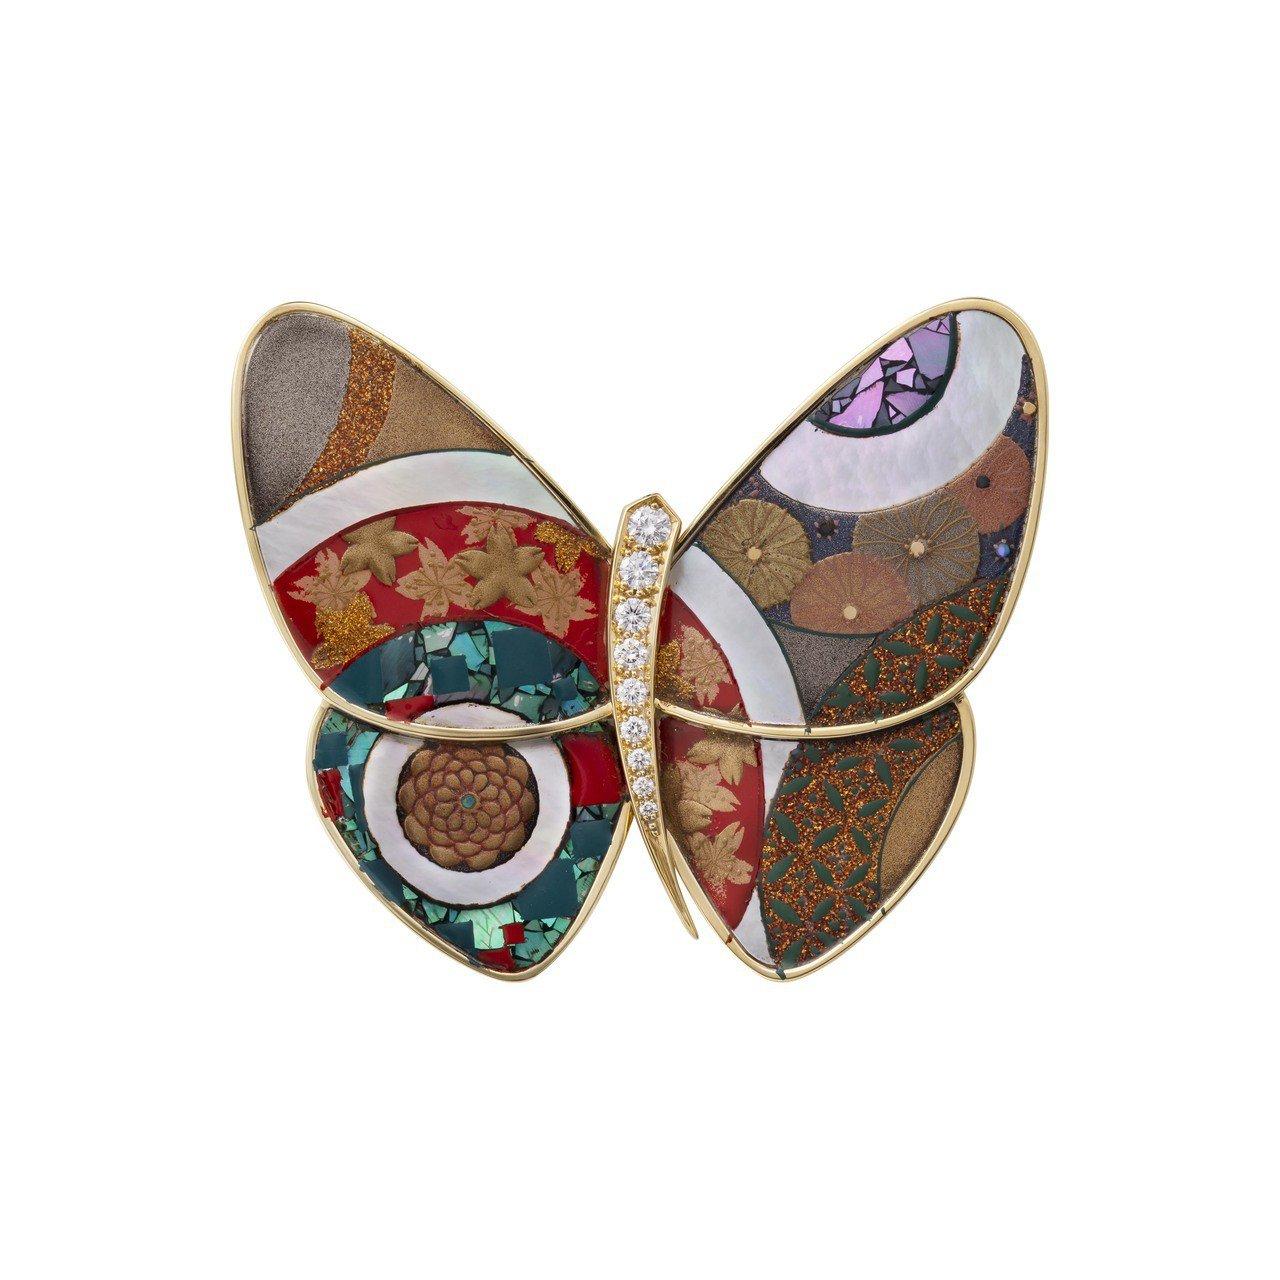 梵克雅寶Hananomaru圓形花卉漆繪蝴蝶胸針,77萬5,000元。圖/梵克雅...